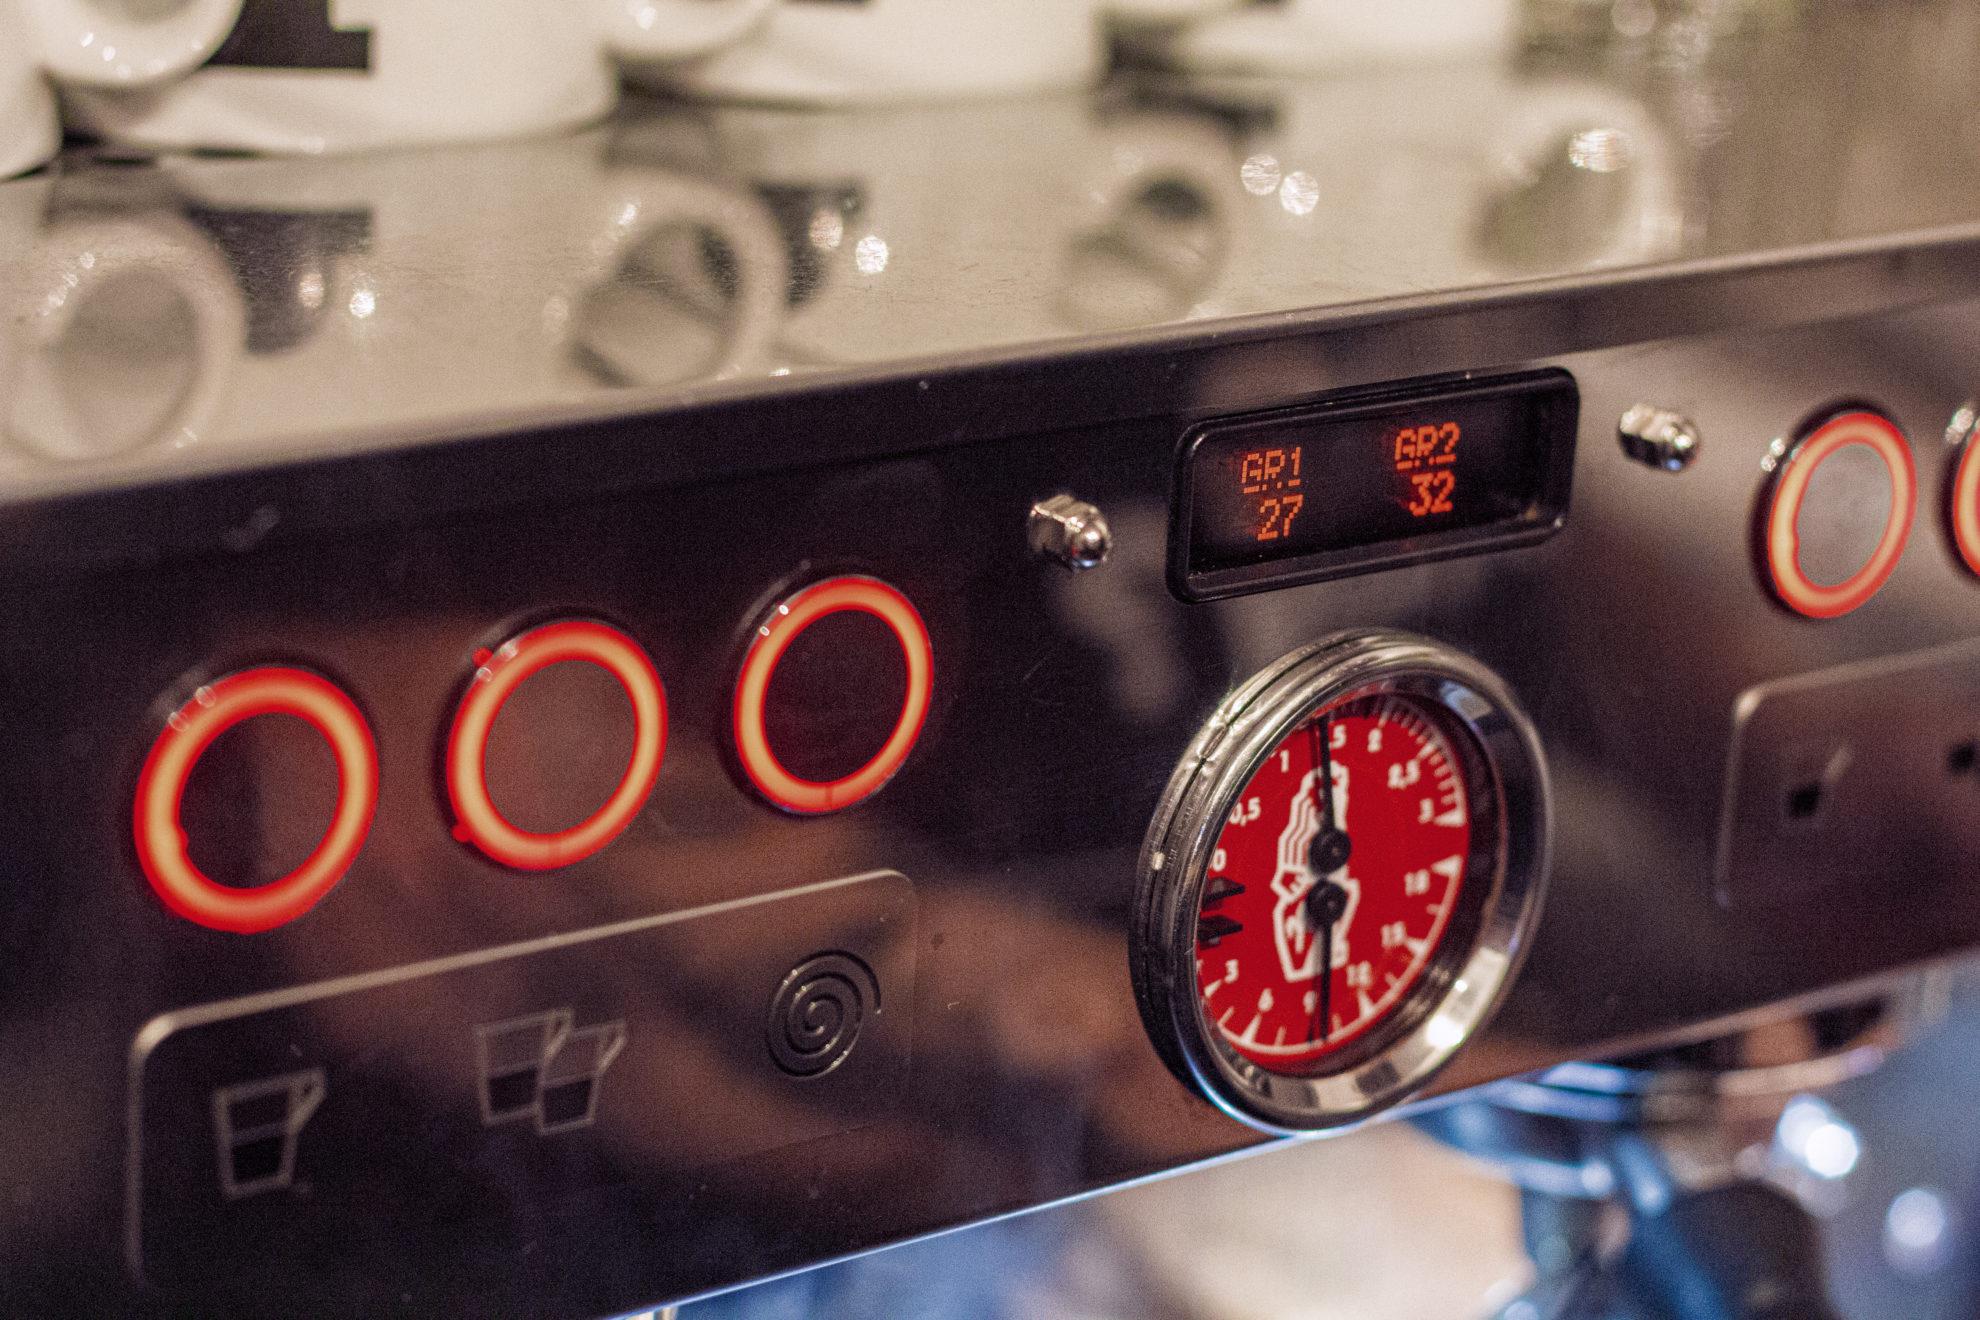 Nahaufnahme einer Espressomaschine mit Manometer und digitaler Anzeige.